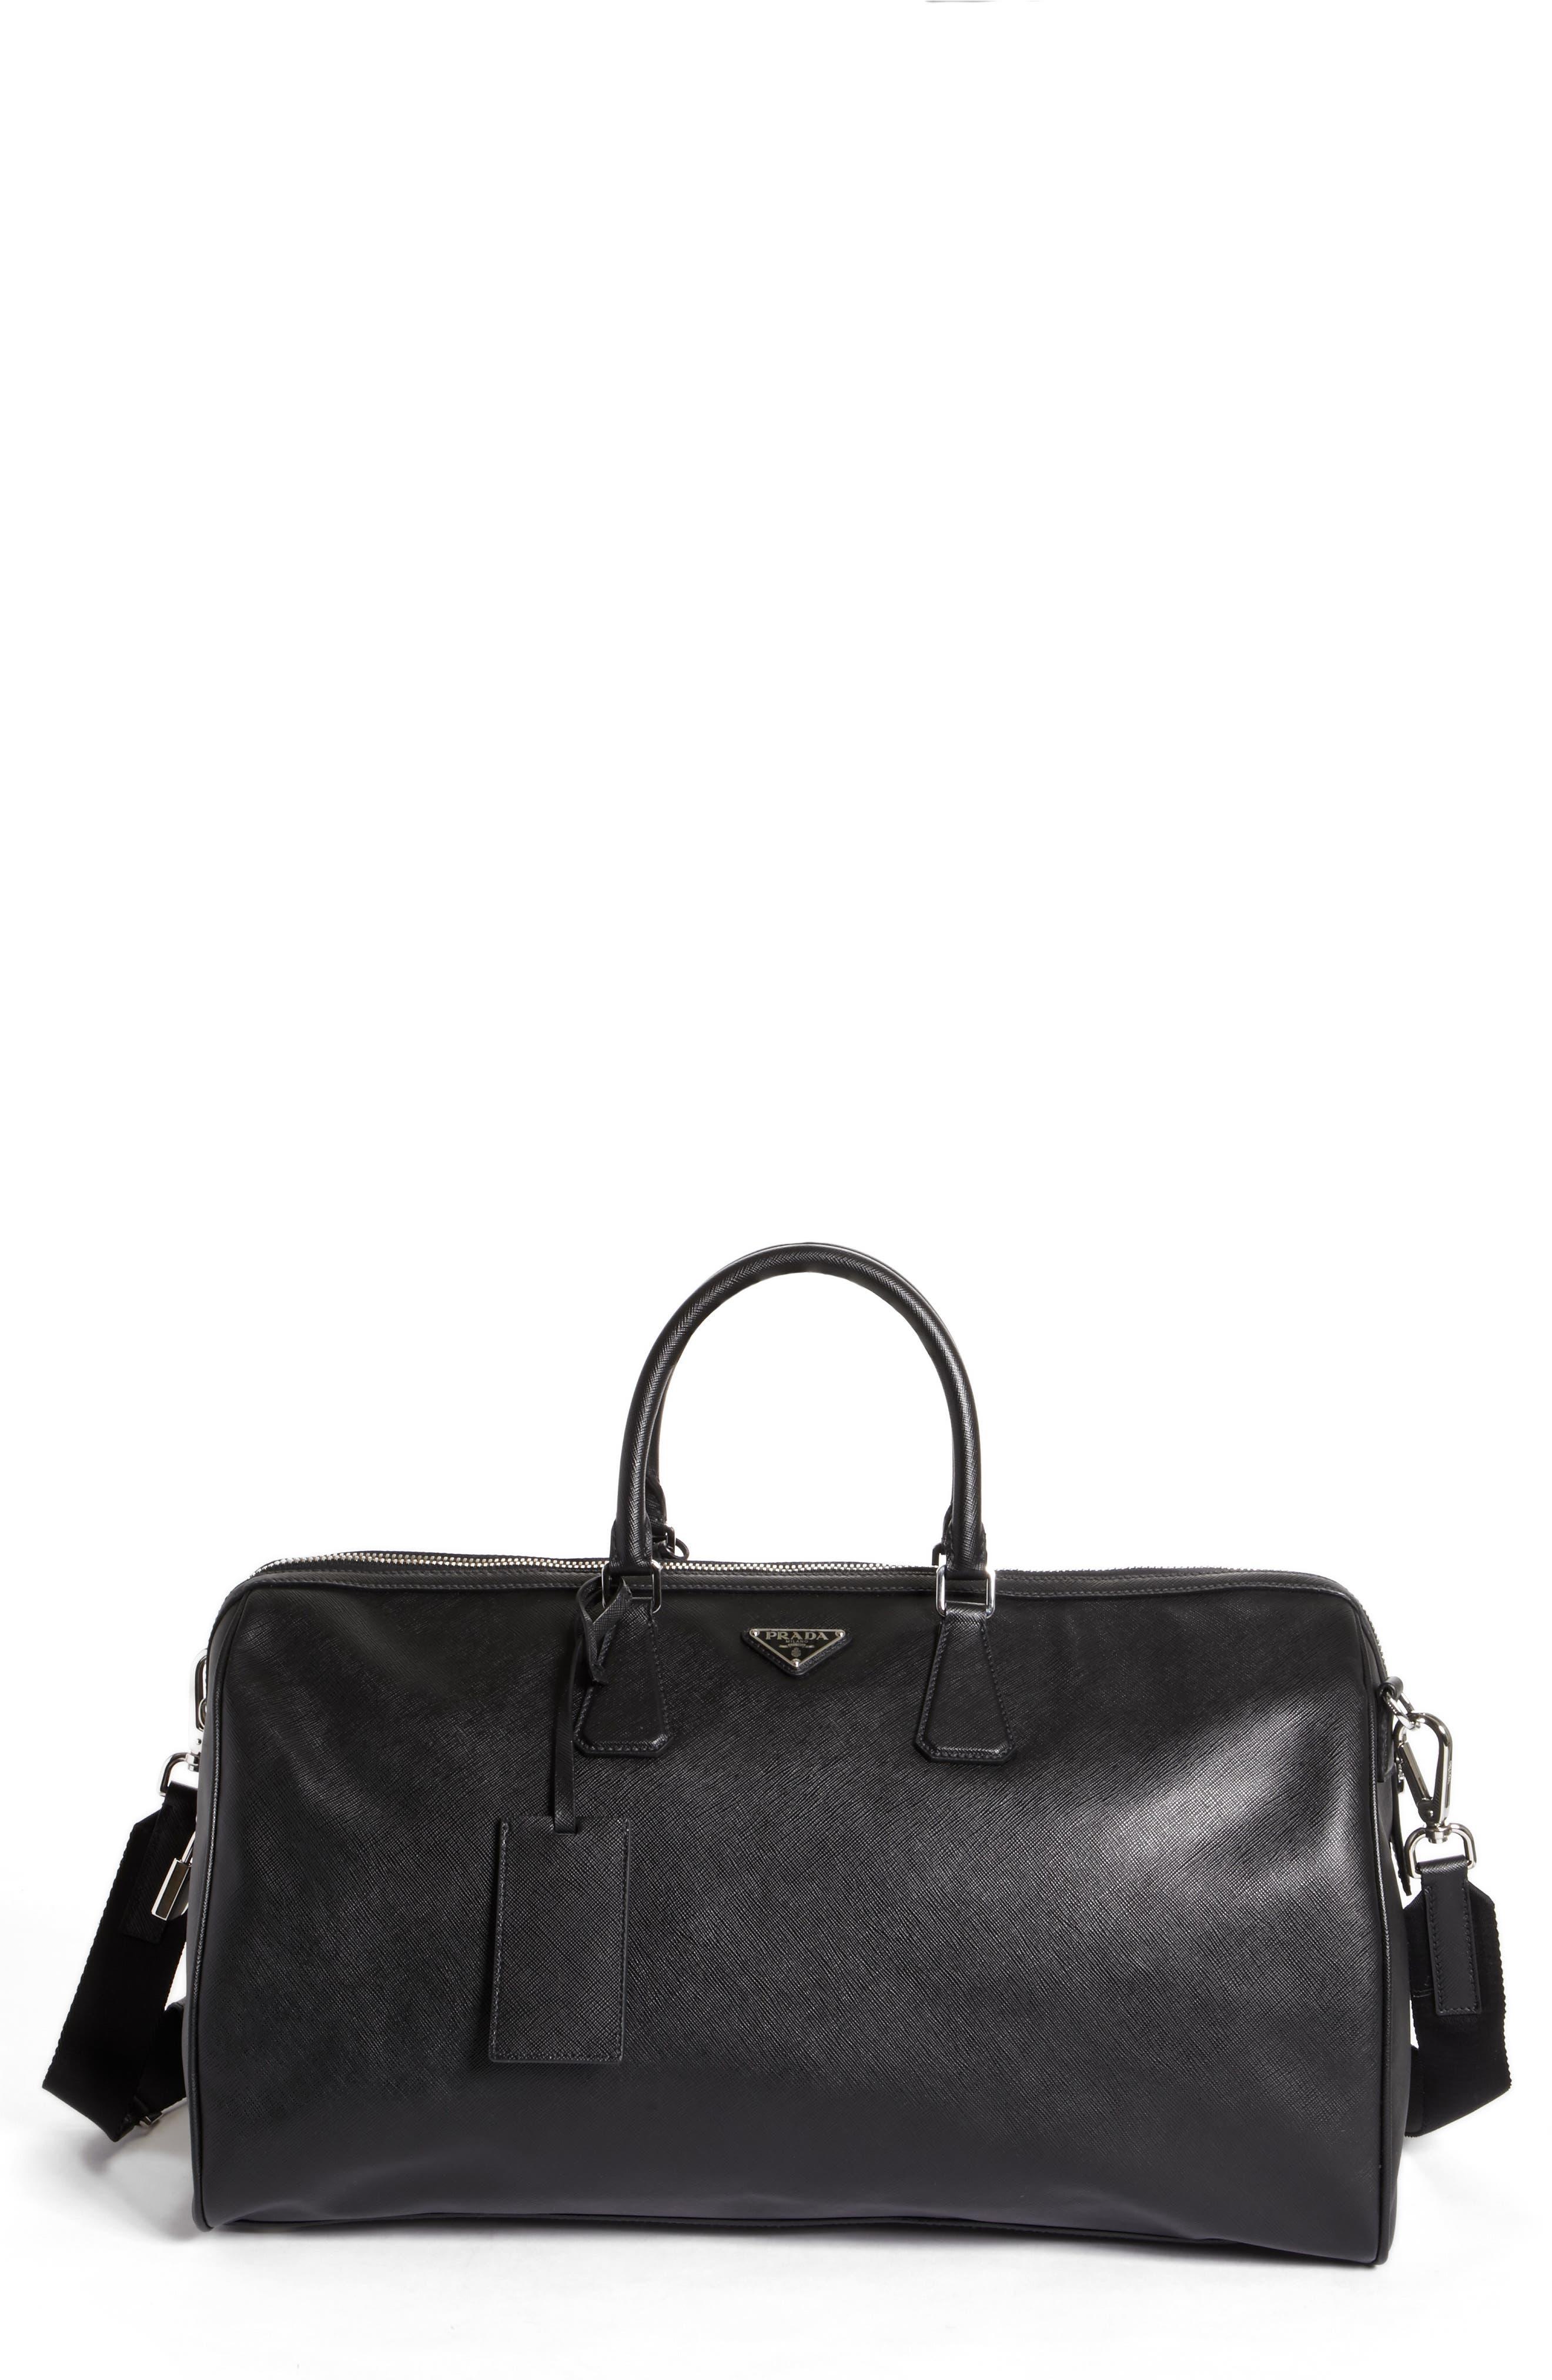 Saffiano Leather Duffel Bag,                             Main thumbnail 1, color,                             F0002 Nero